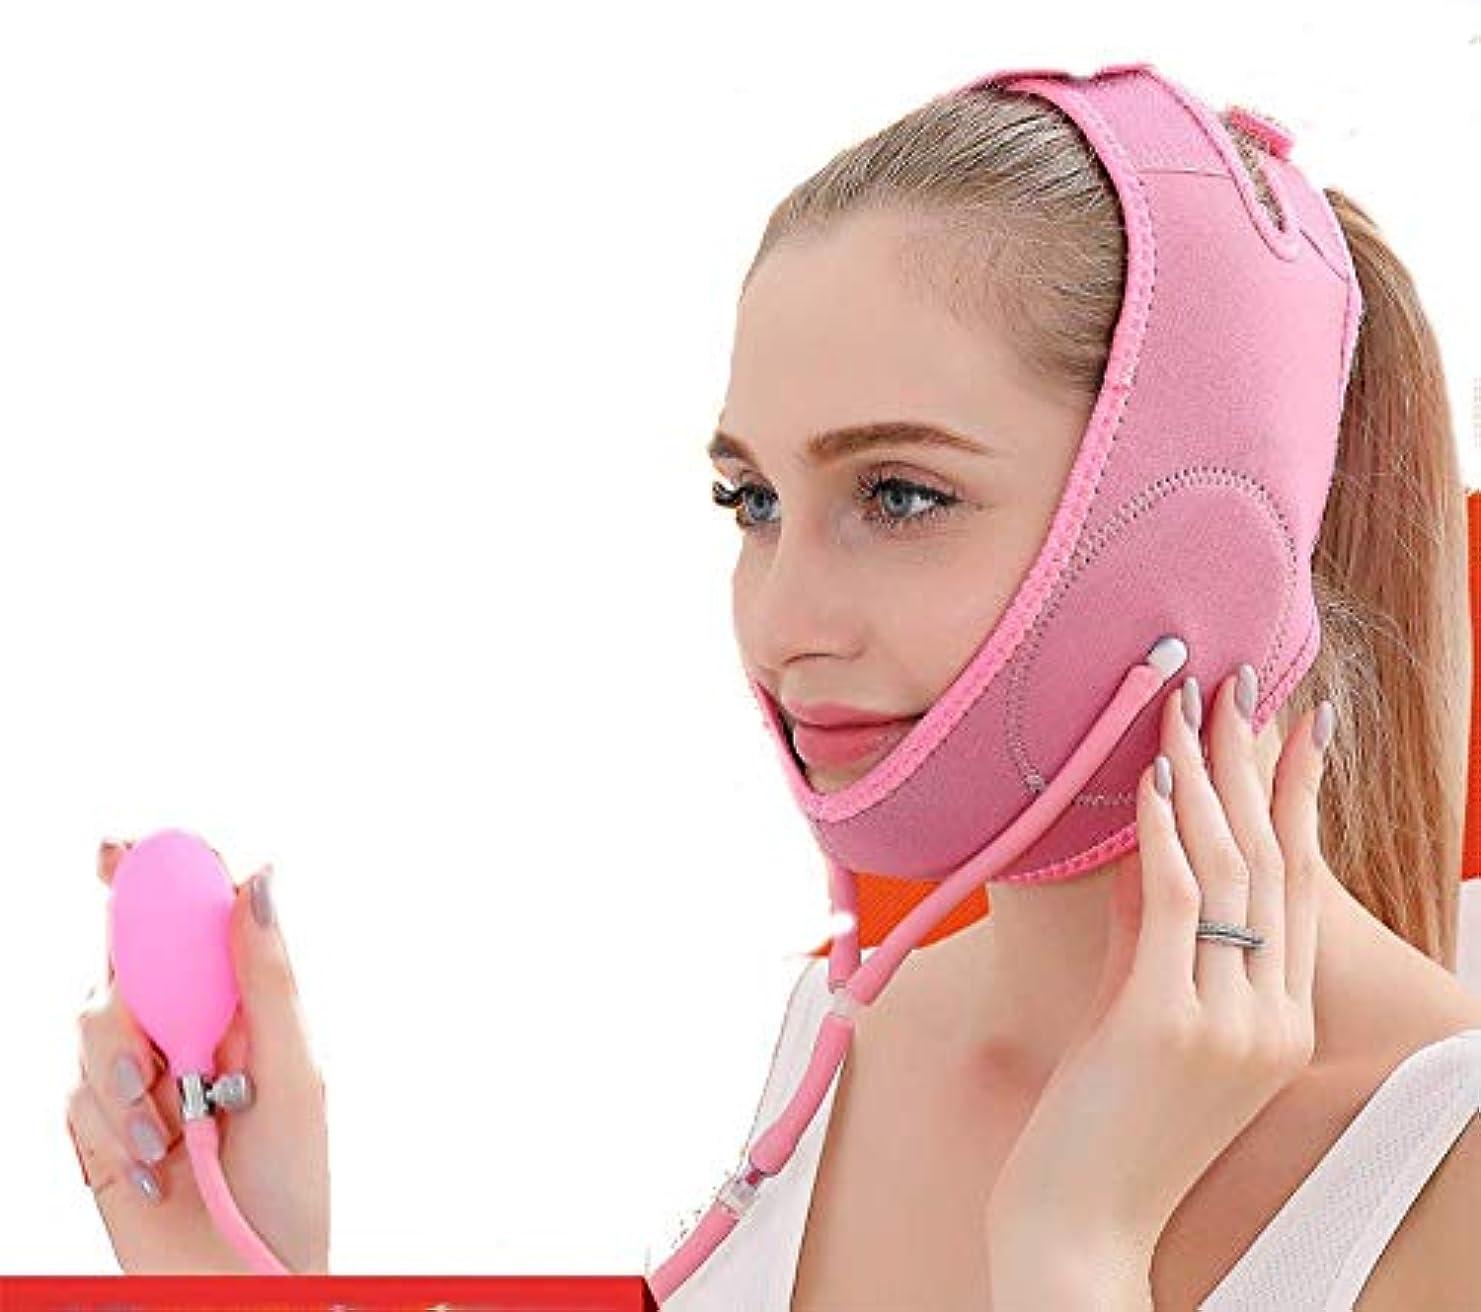 件名サイクル球状NICE顔修正ベルト-薄い顔マスク睡眠薄い顔美容サウナータ顔顔帯あごに行く法パターン顔V顔ユニセックス、ピンク